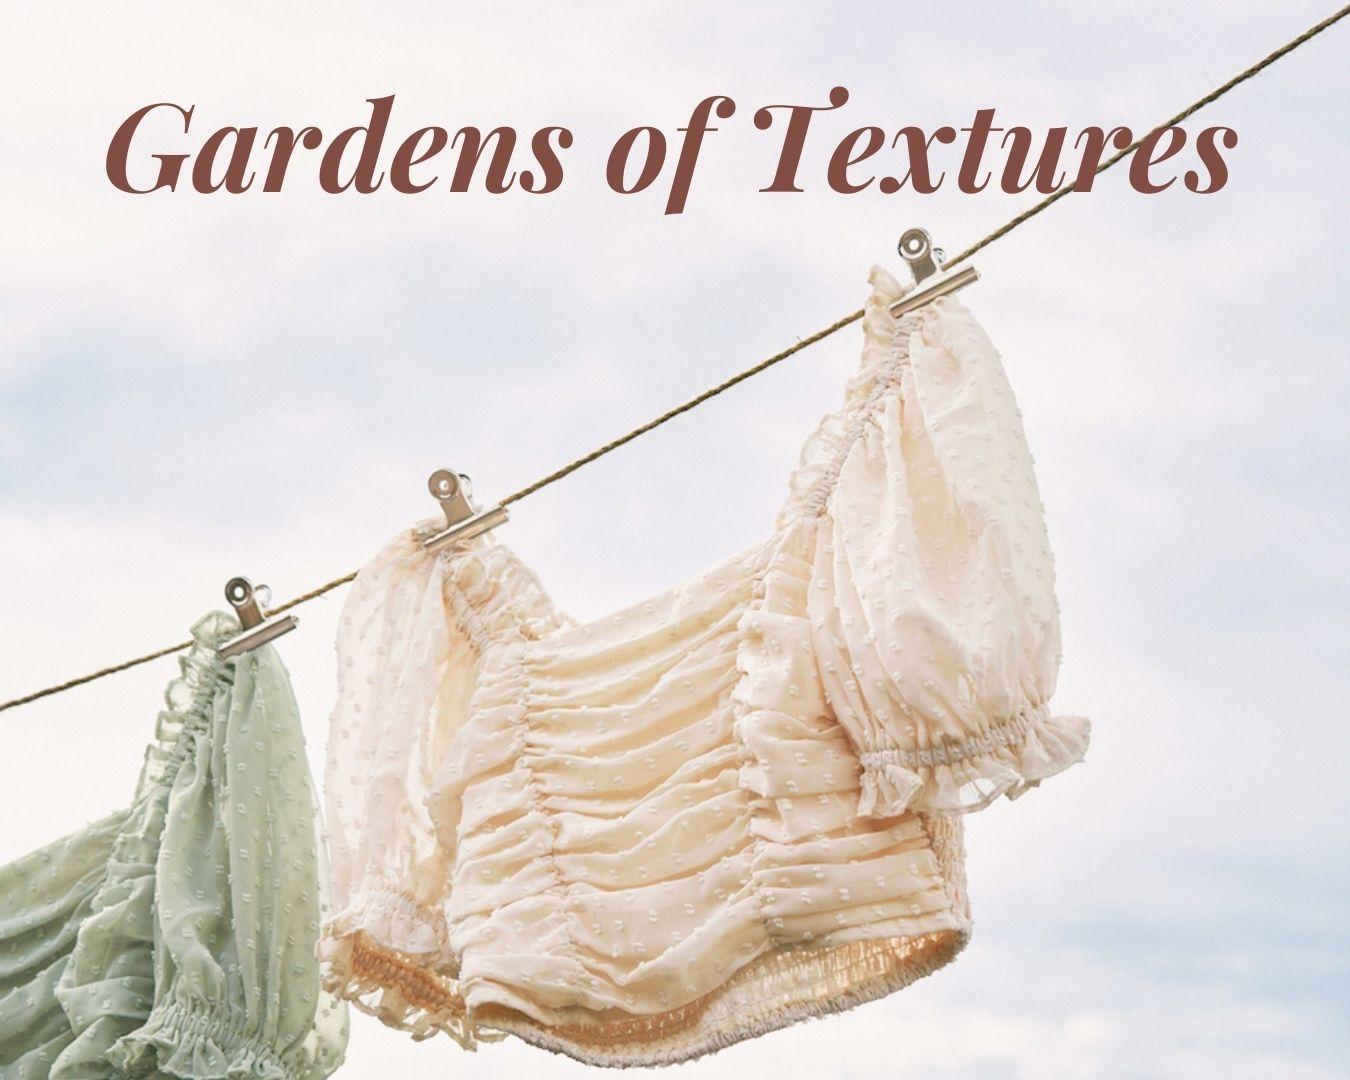 Gardens of Textures